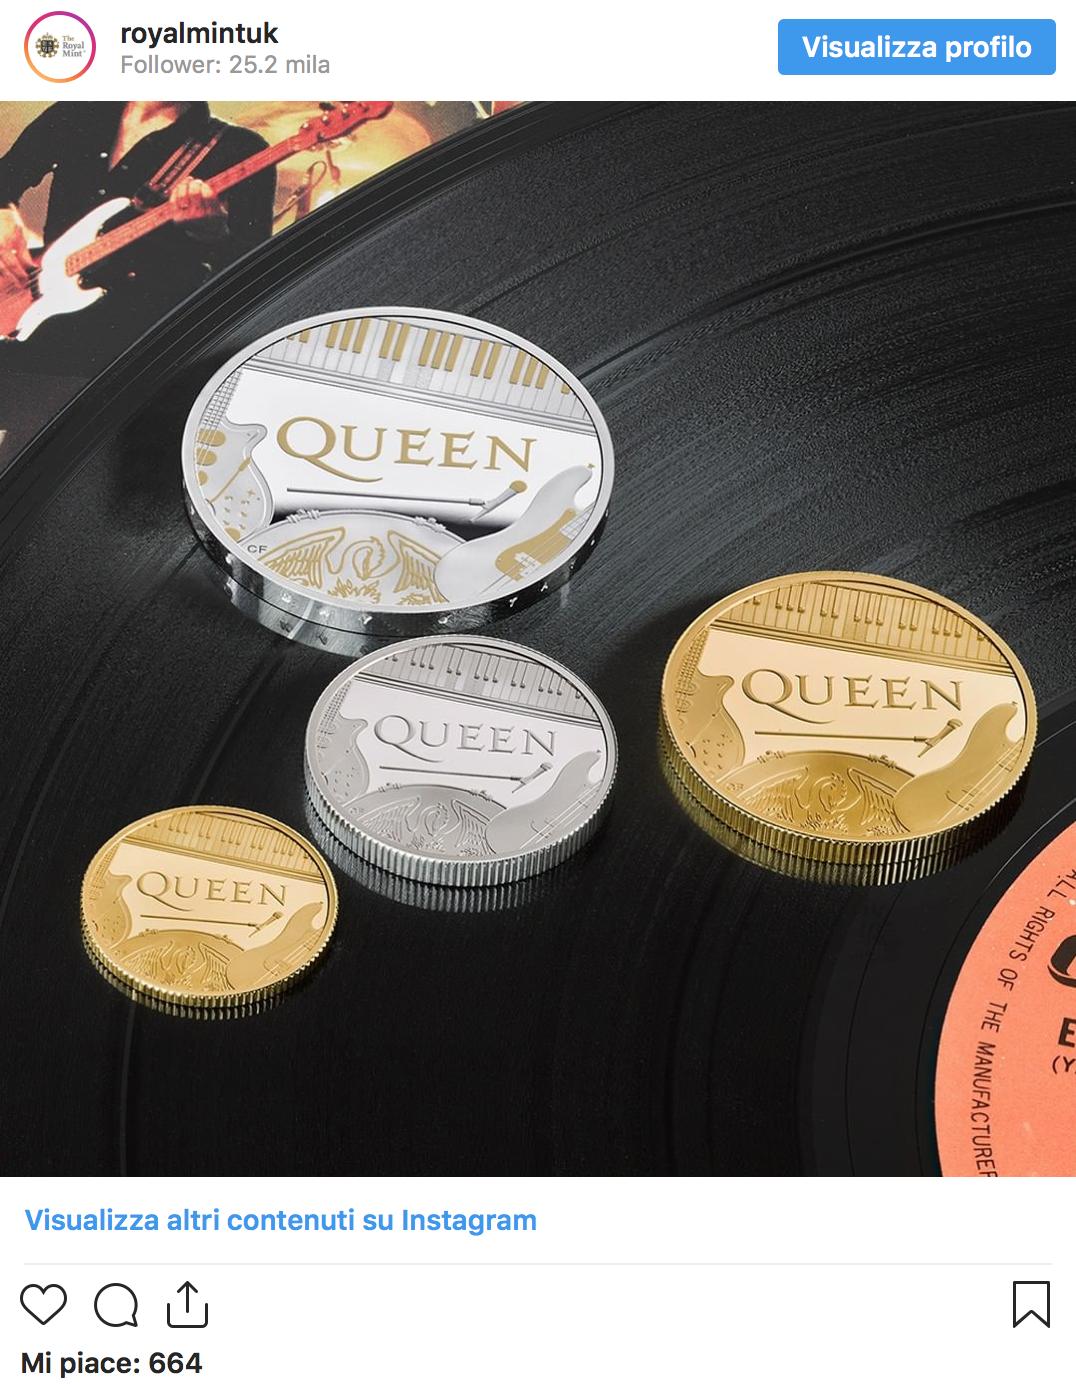 Regno Unito, la Regina e i Queen insieme sulla nuova moneta celebrativa